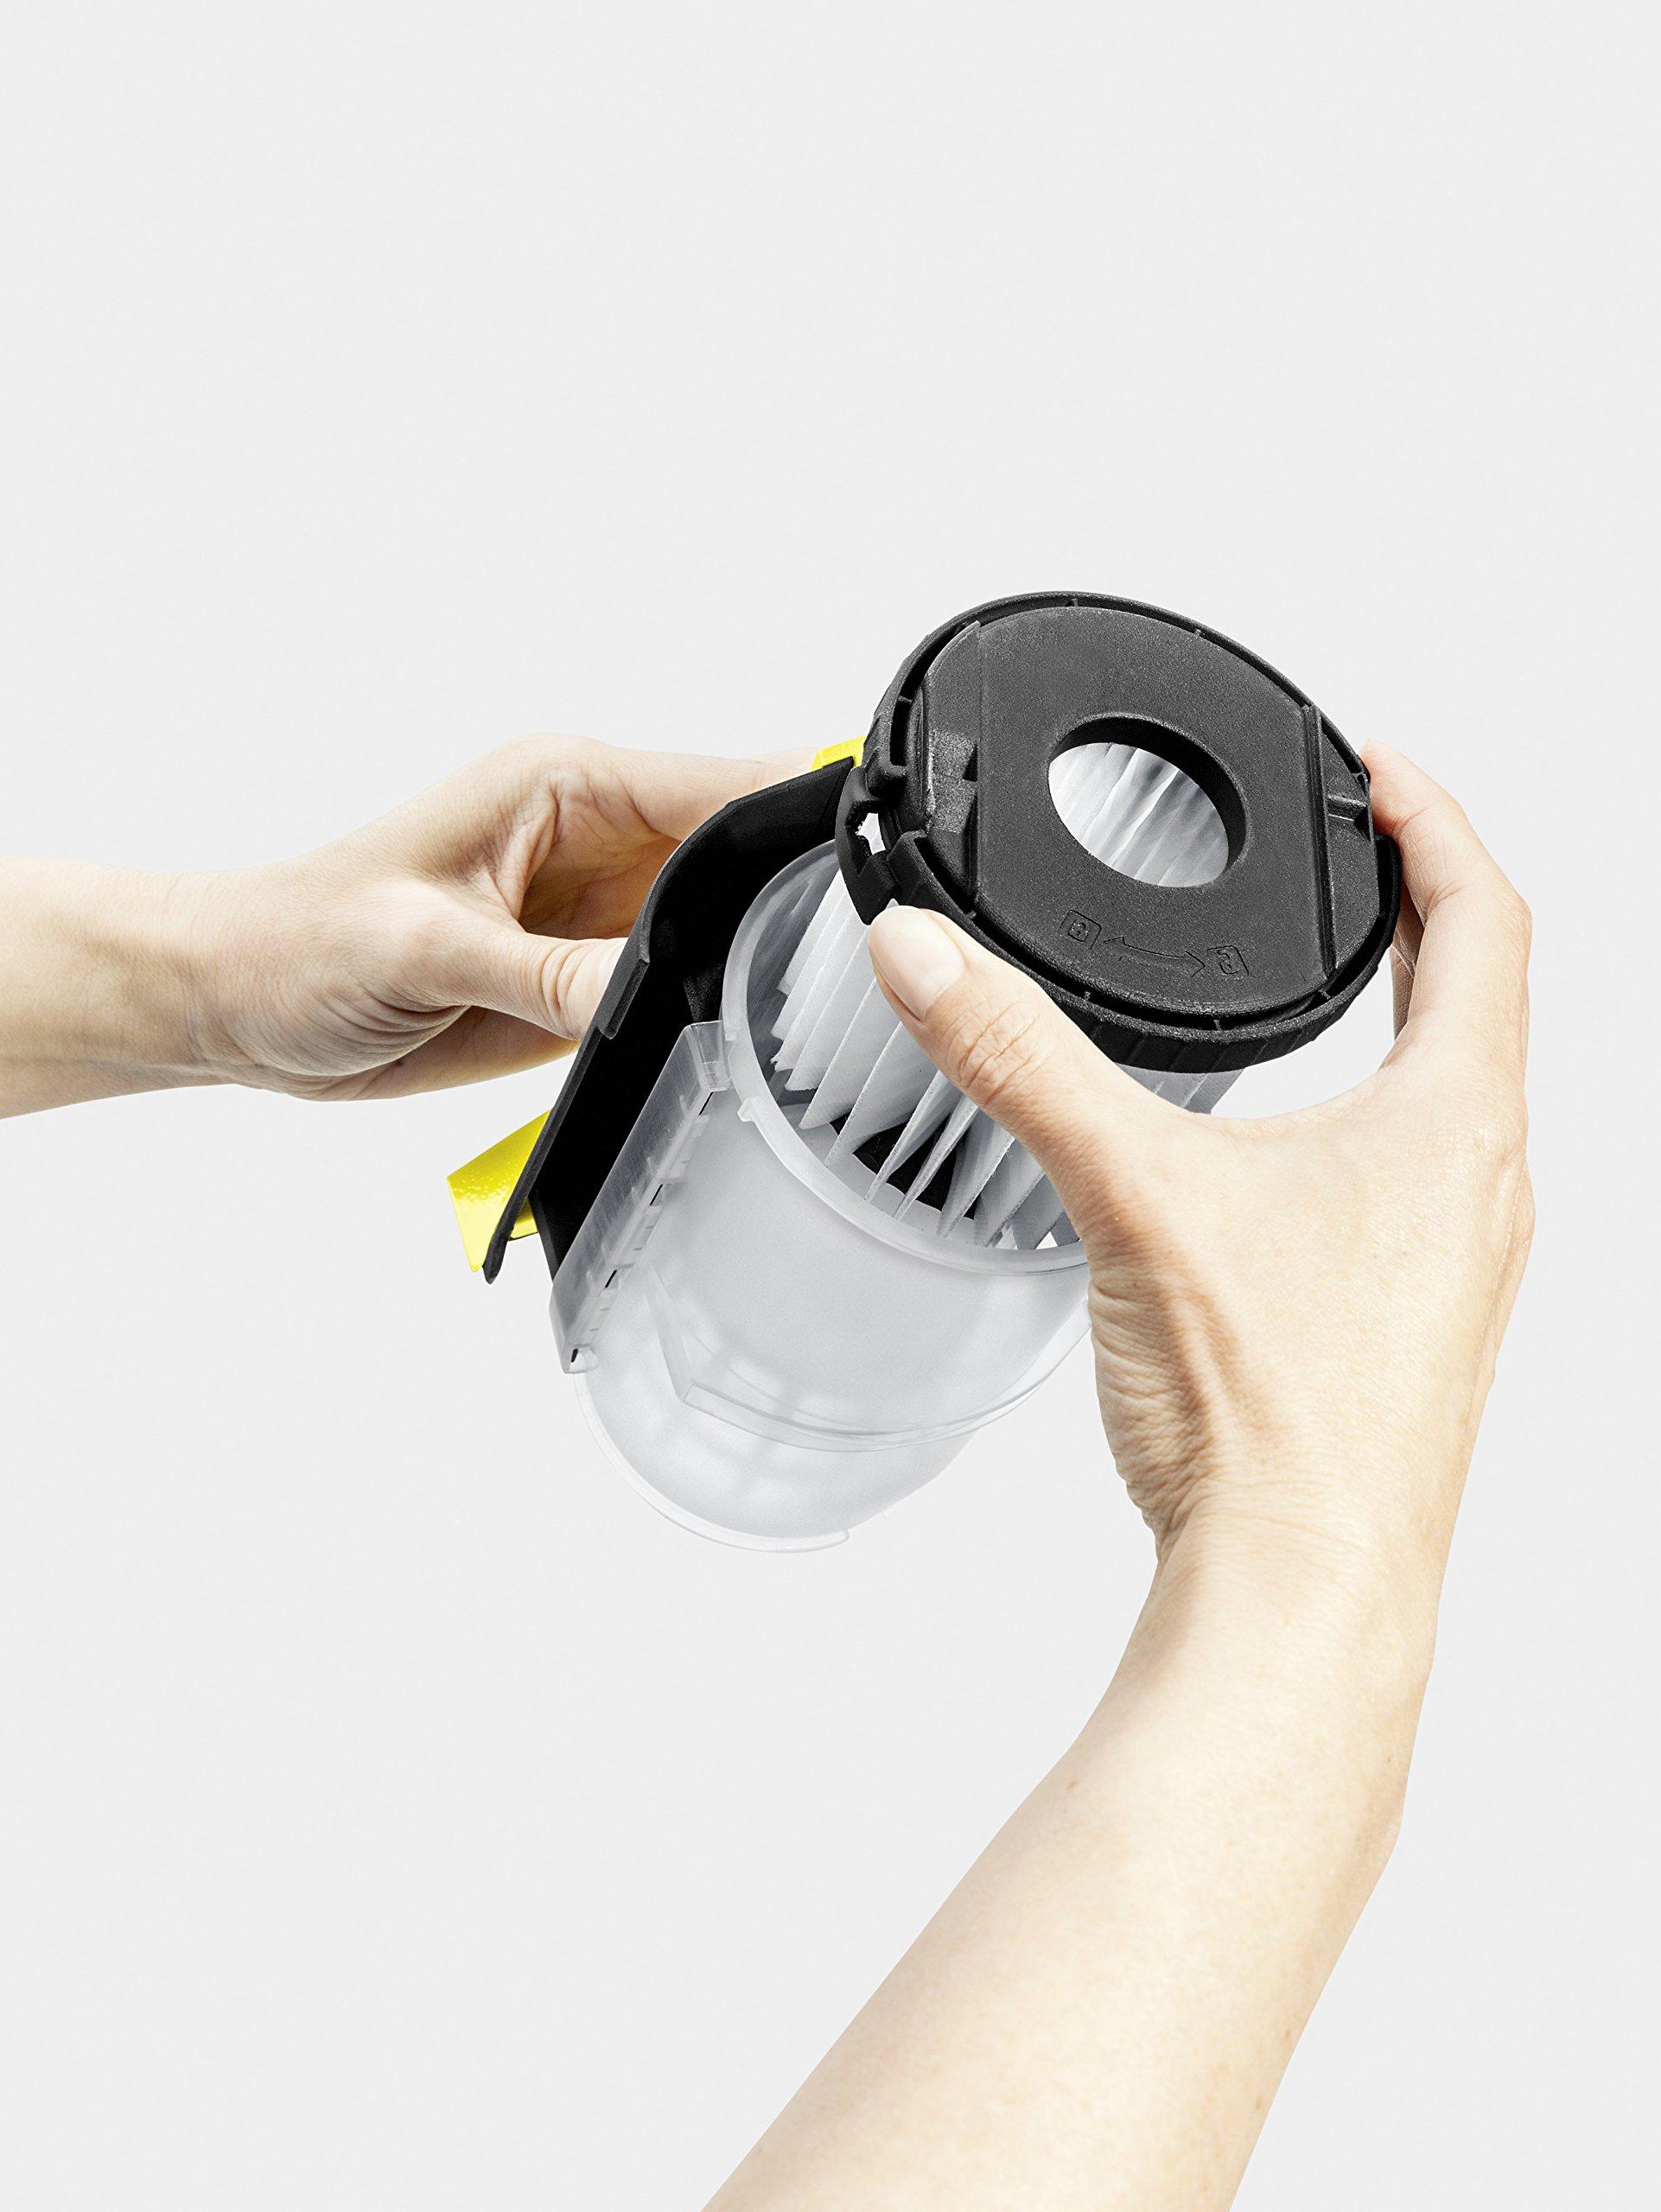 Kärcher Kompaktsauger VC 5 inkl. Zubehör, Boden-Staubsauger beutellos, Reinigungsgerät für Treppen, Teppiche & Co…